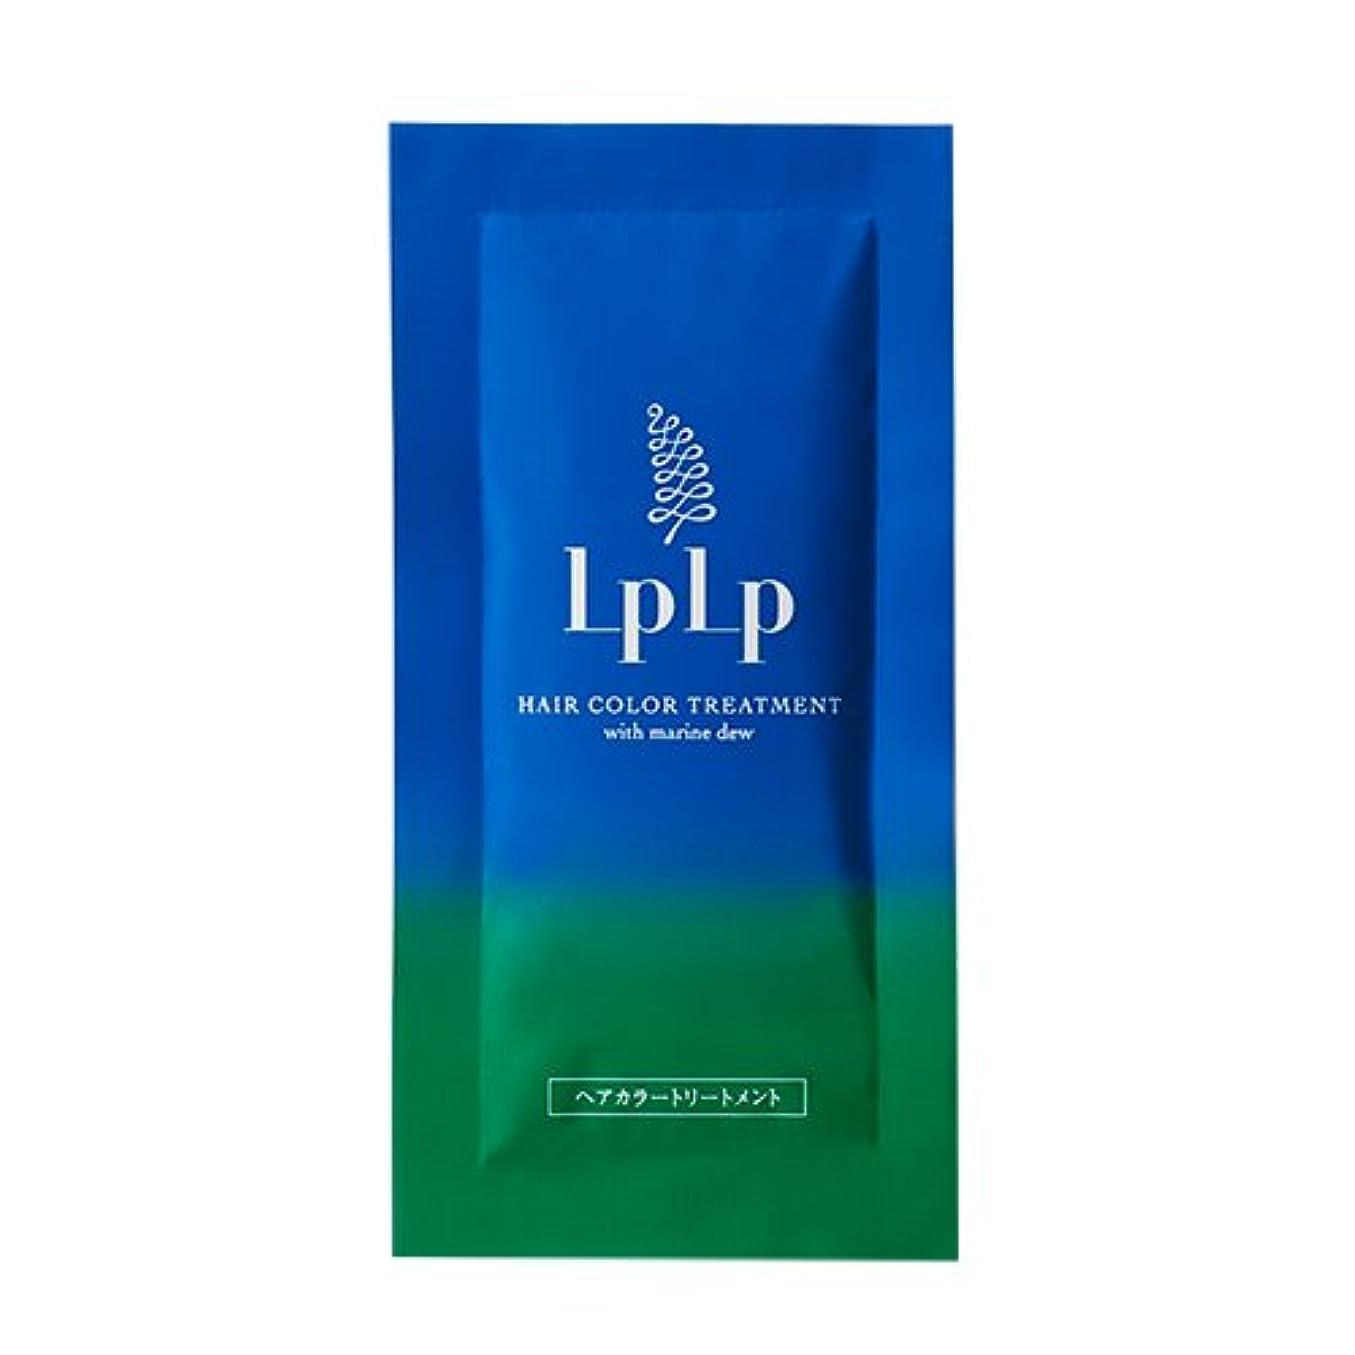 アライメント候補者ボットLPLP(ルプルプ)ヘアカラートリートメントお試しパウチ ダークブラウン